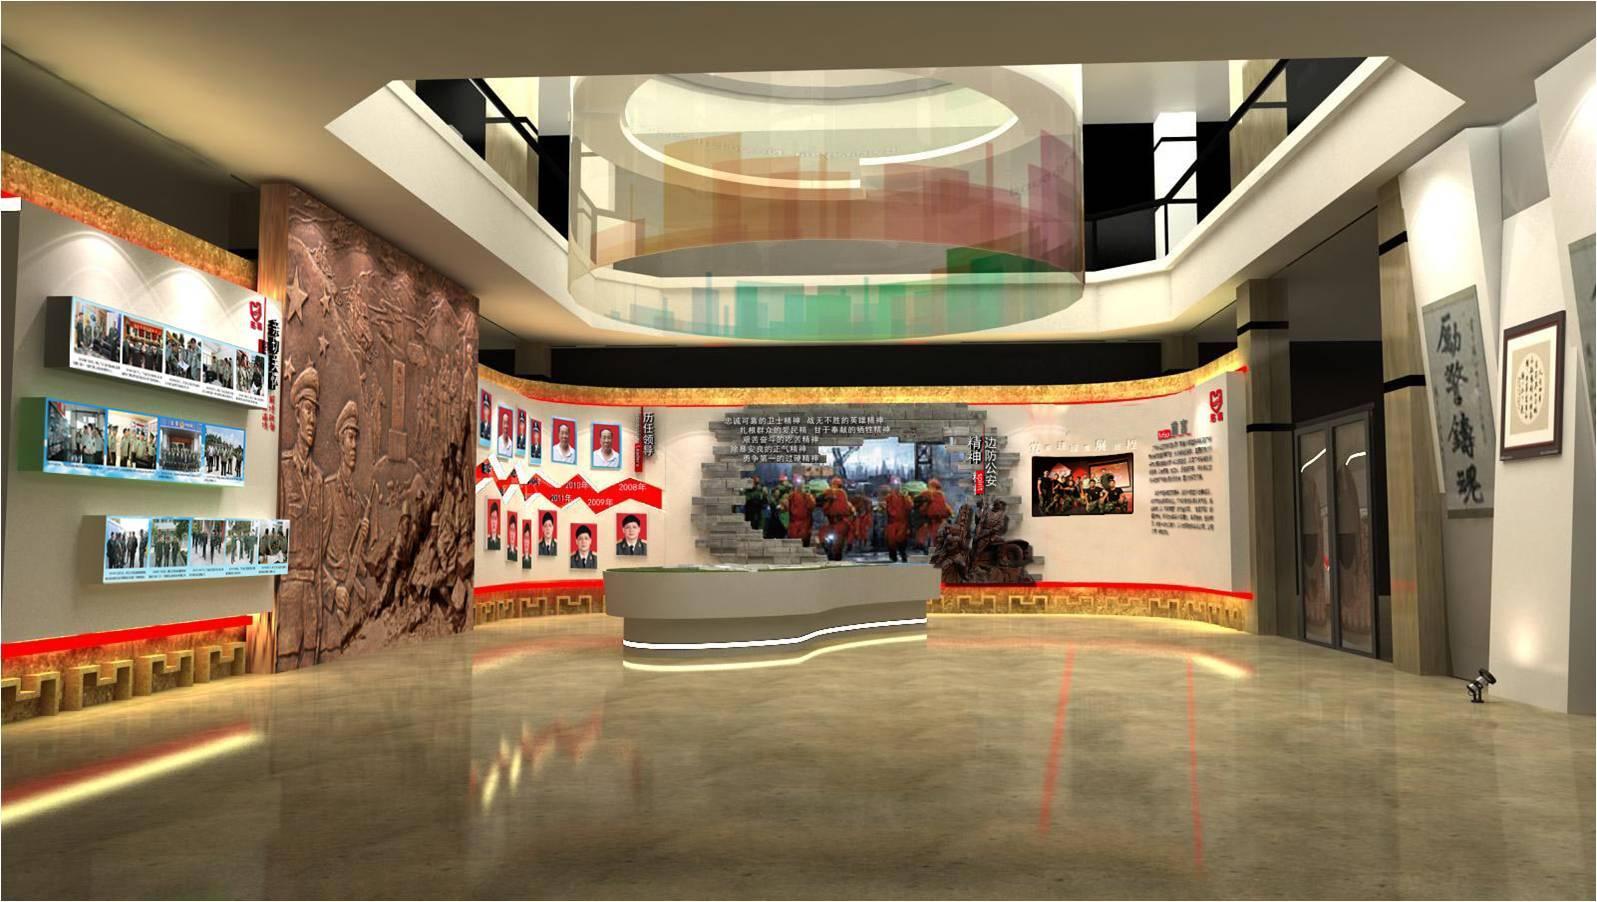 文化建设 广州廉政展厅设计理念